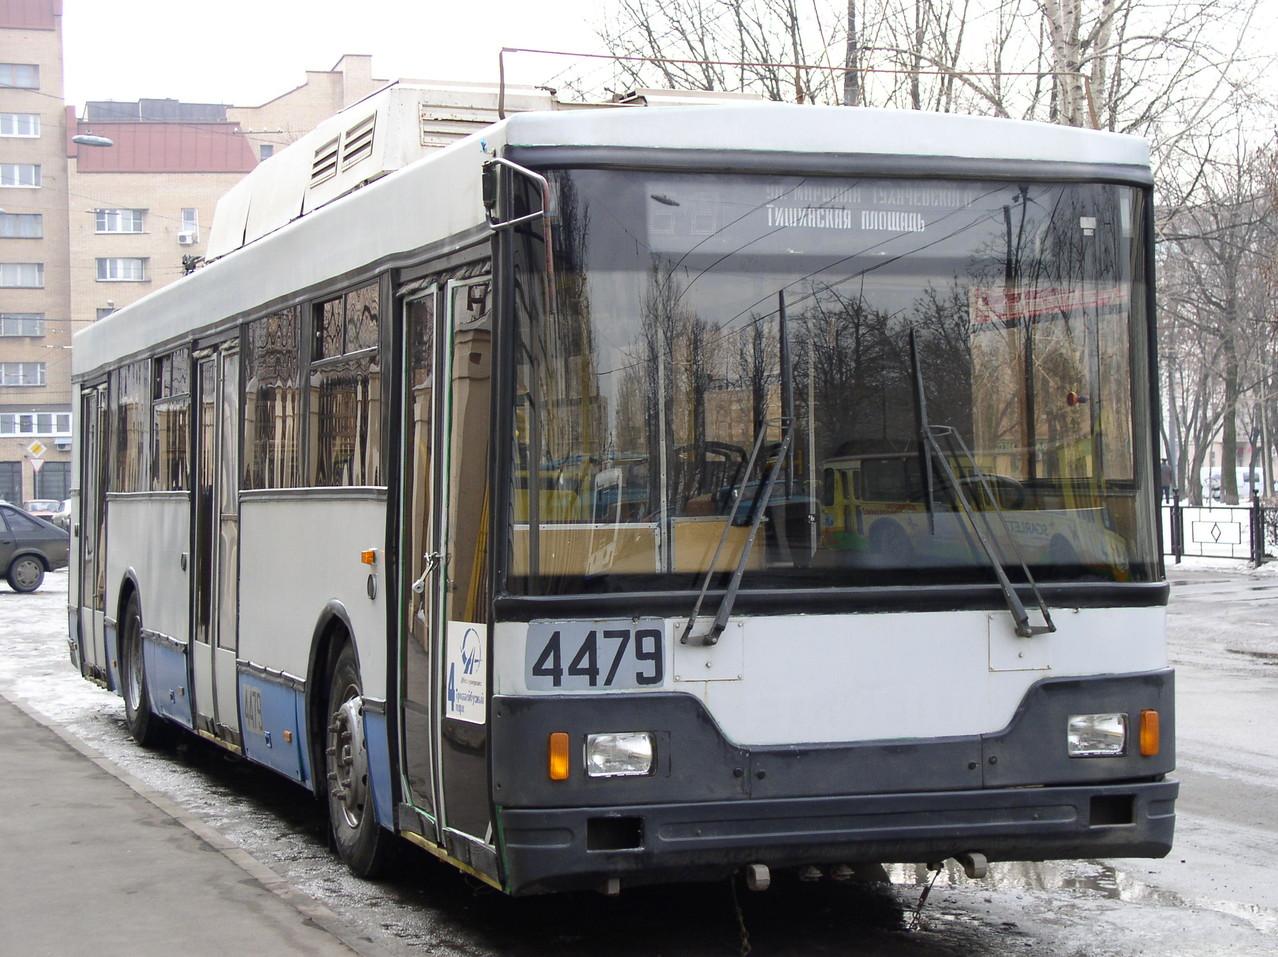 Проект троллейбуса появился в 1999 году. В 2002 году по заказу Москвы, для нее была создана версия Тролза 5257.00. Фото Максима Шелепенкова